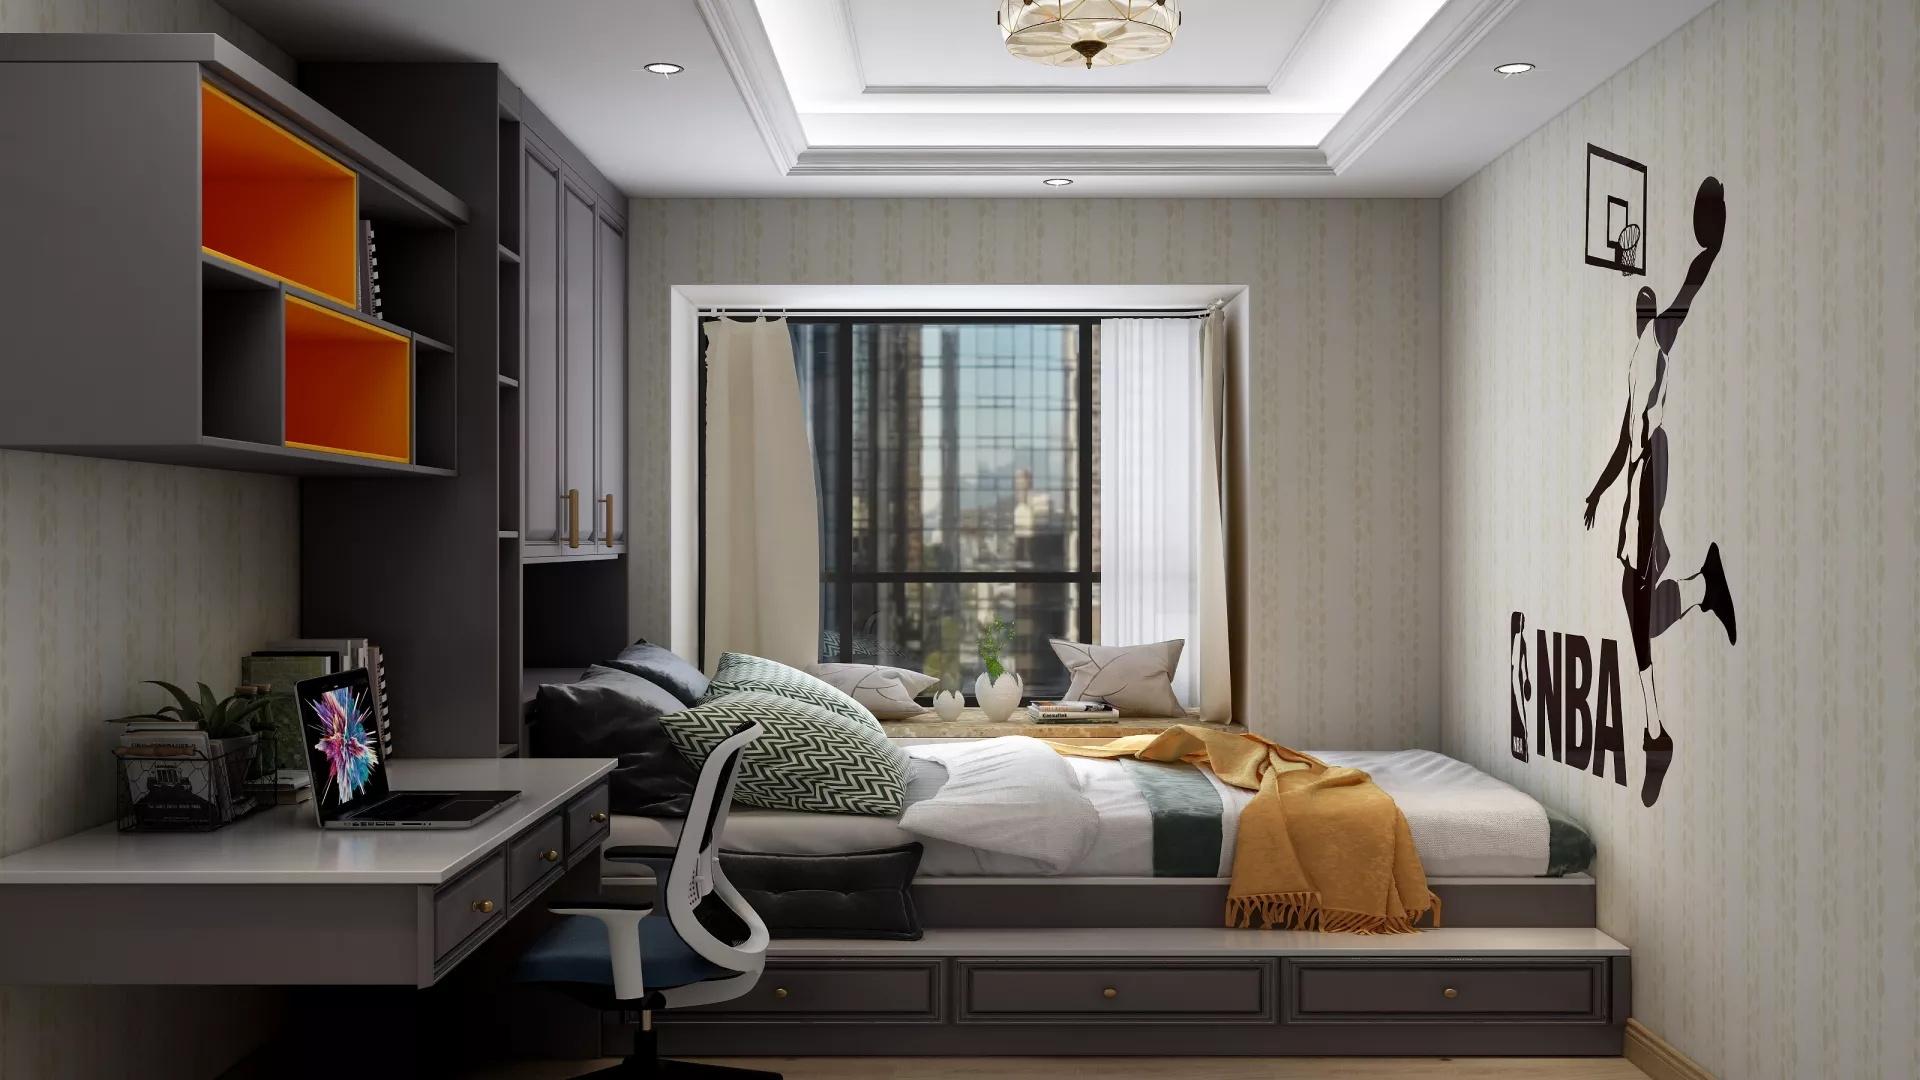 日式风格两居室原木色装修效果图